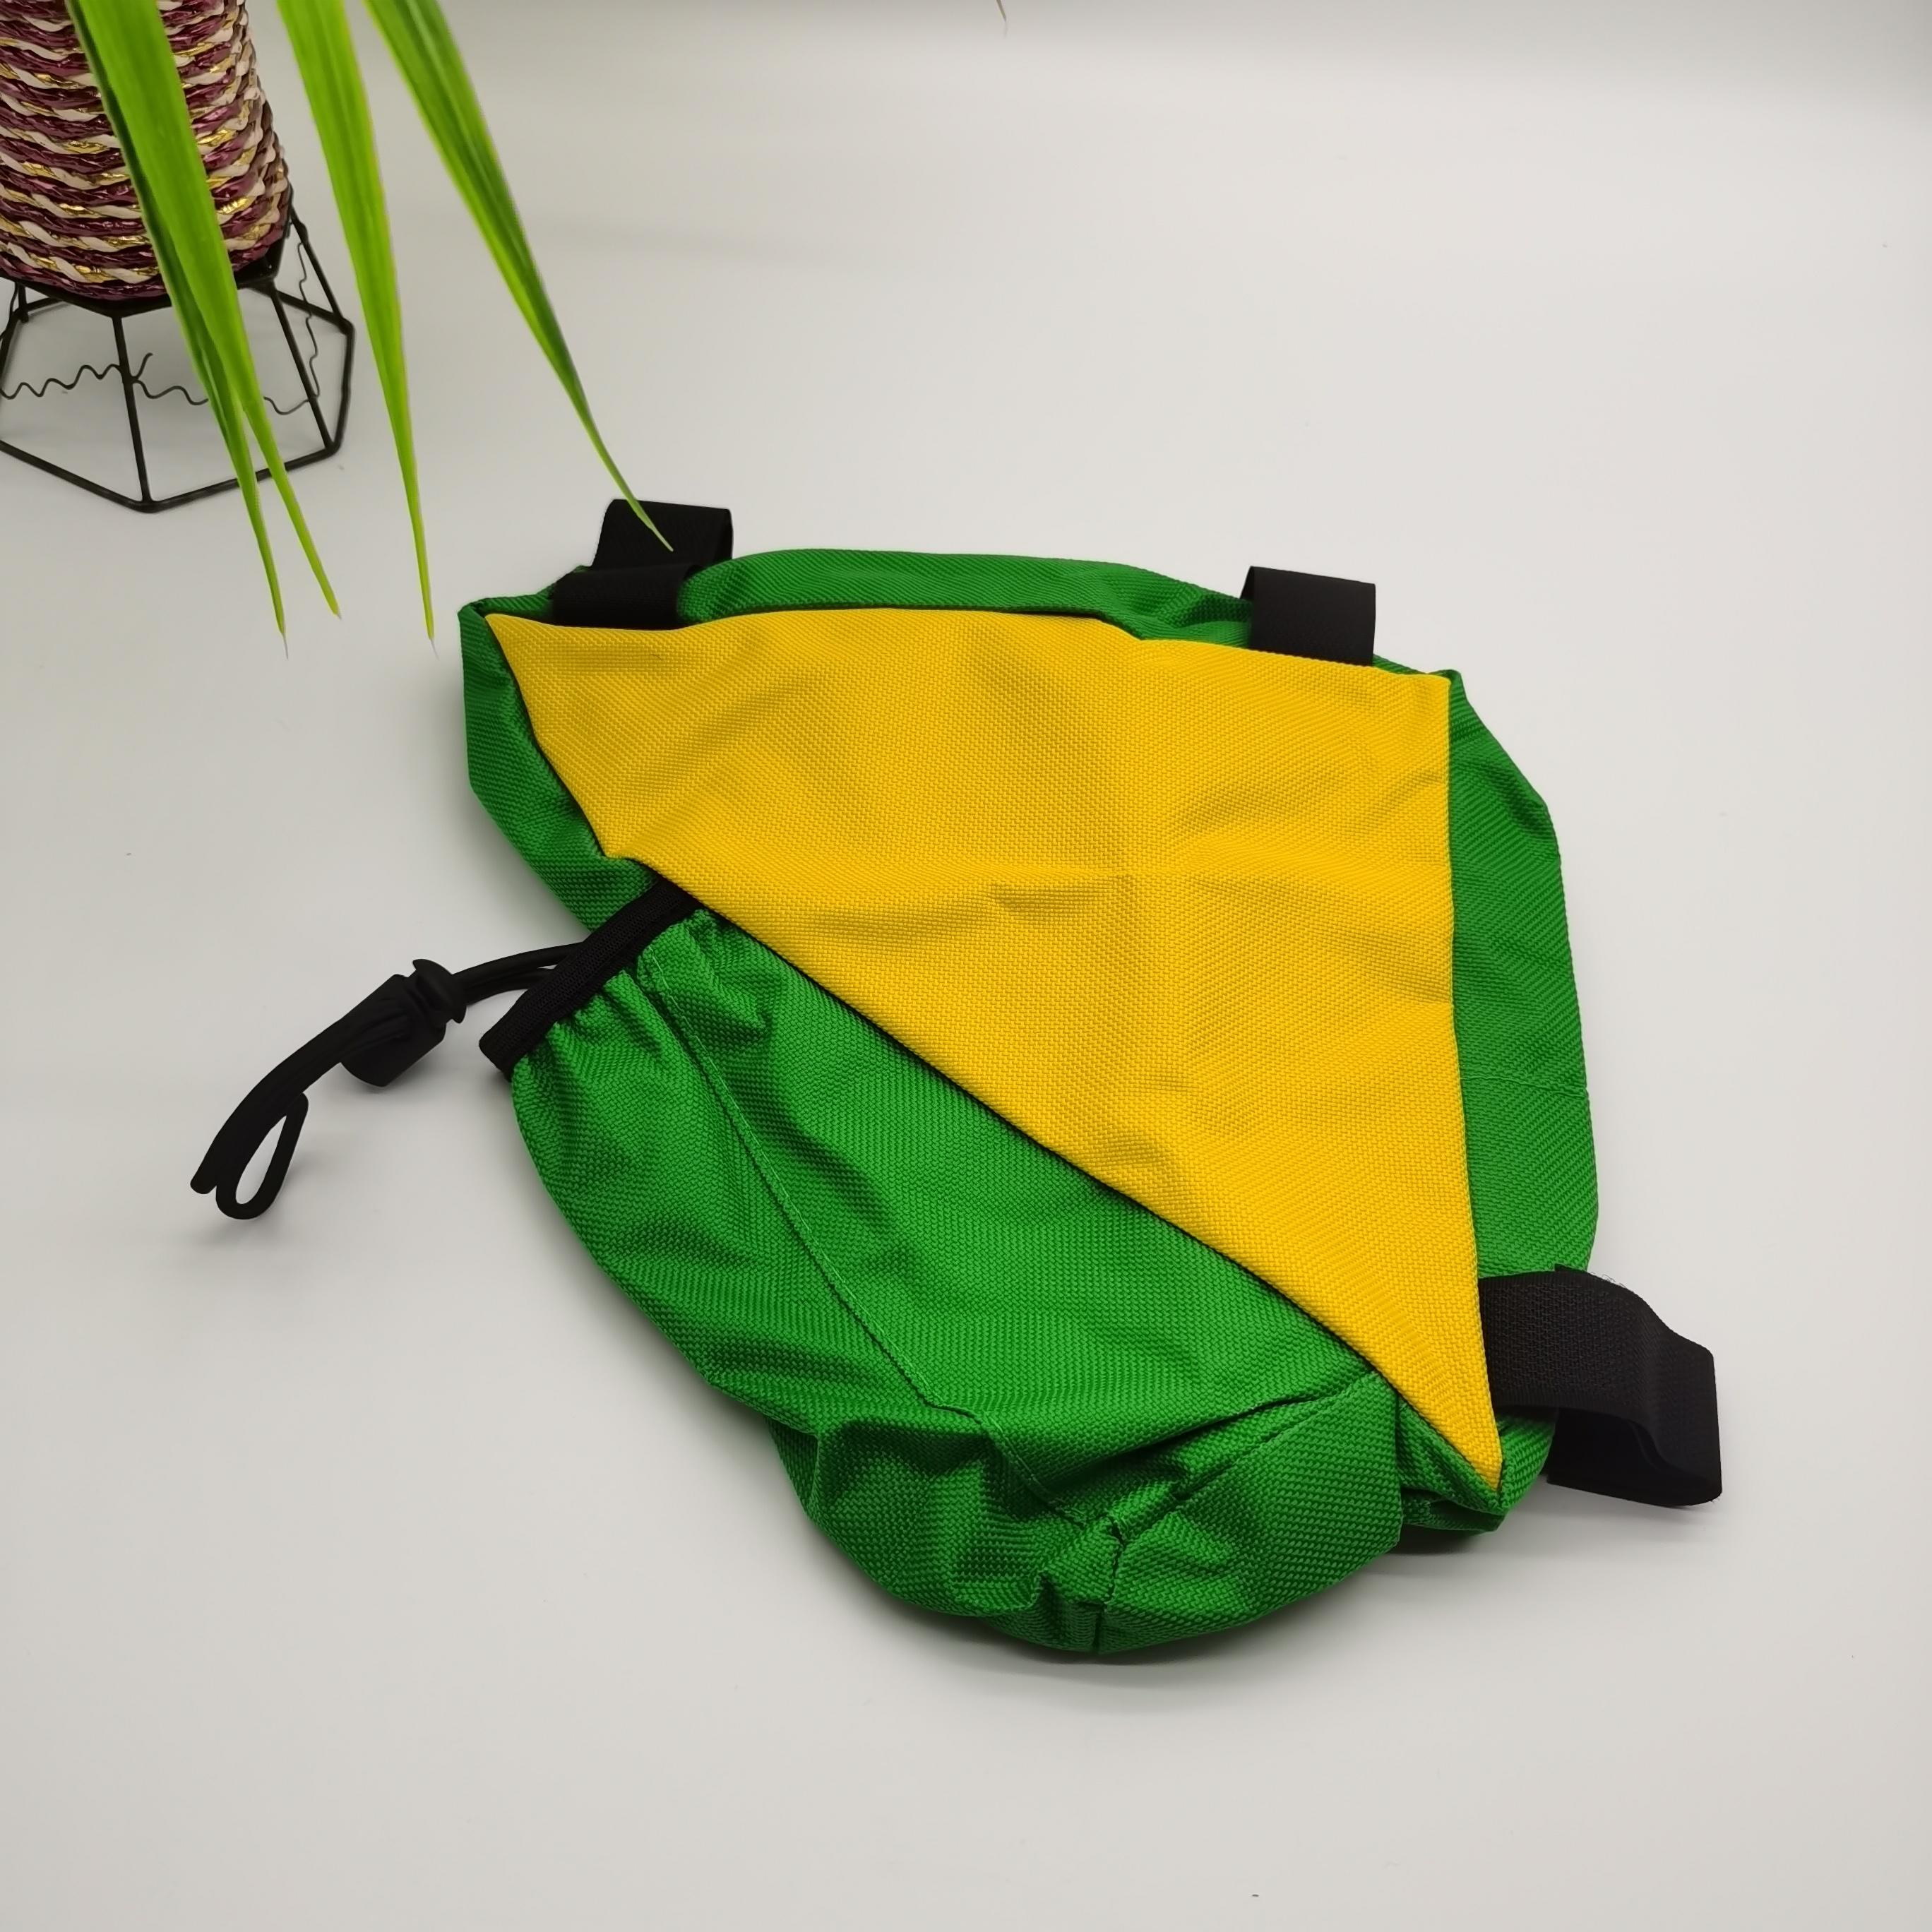 Vivibetter-waterproof bike bag in camflage 003